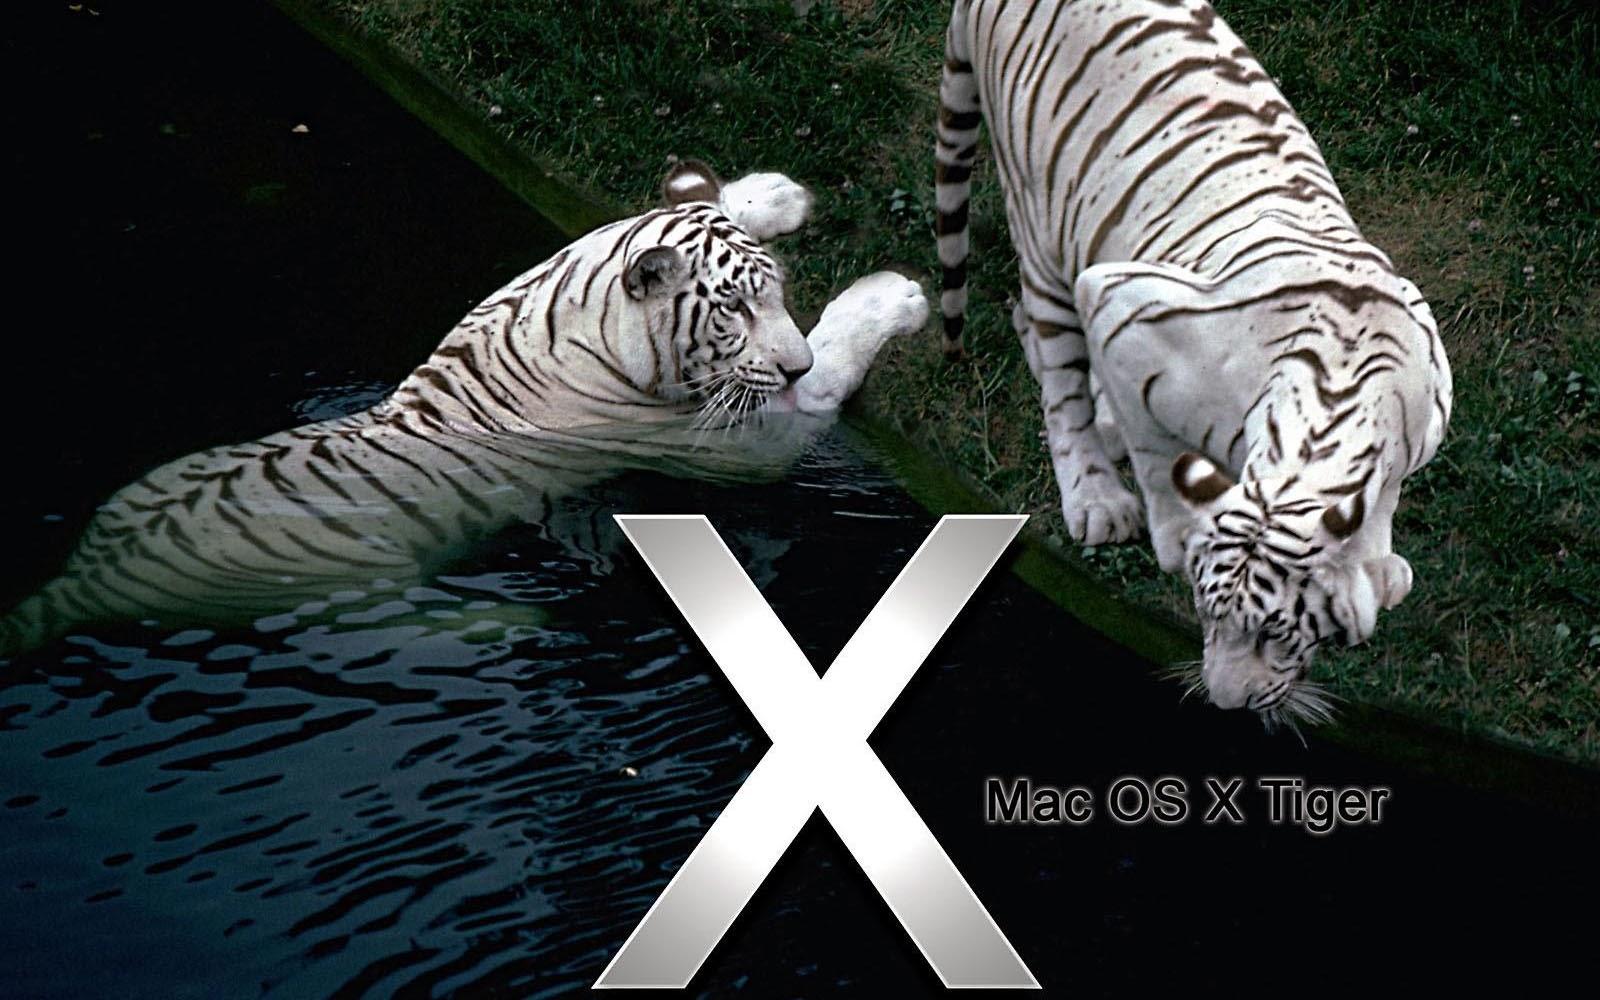 Mac OS X Tiger Wallpapers Mac OS X Tiger Desktop Wallpapers Mac 1600x1000